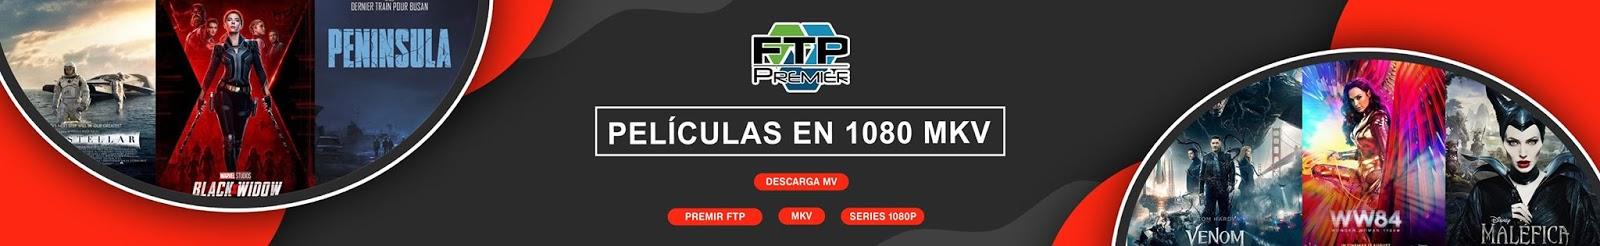 PREMIER FTP.NET